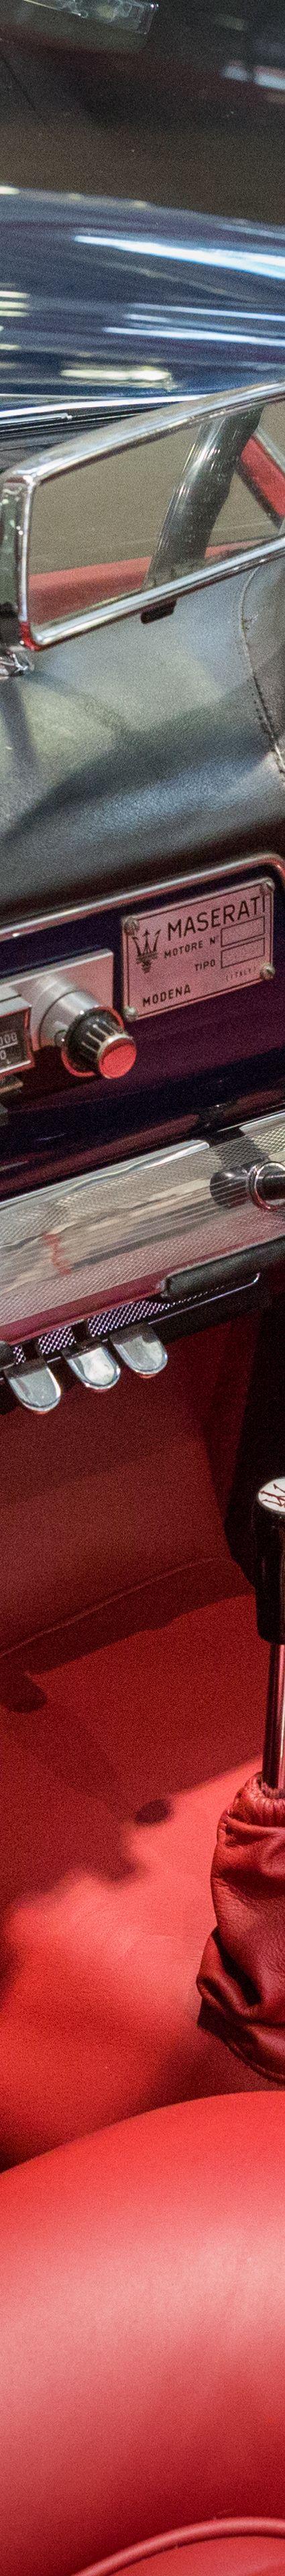 1964 Maserati 3500 Vignale Spyder- sold in Australia